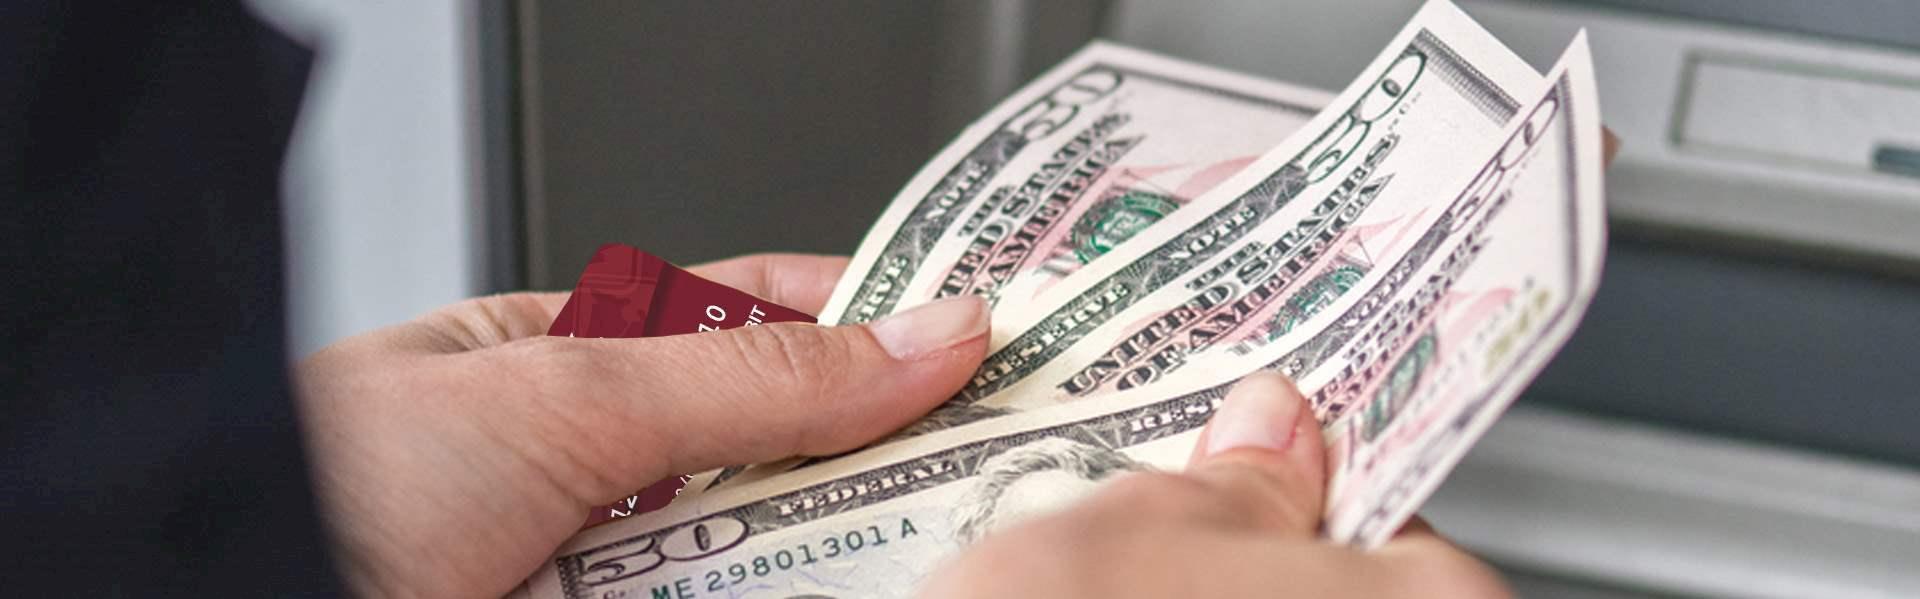 IBC Bank Overdraft Courtesy